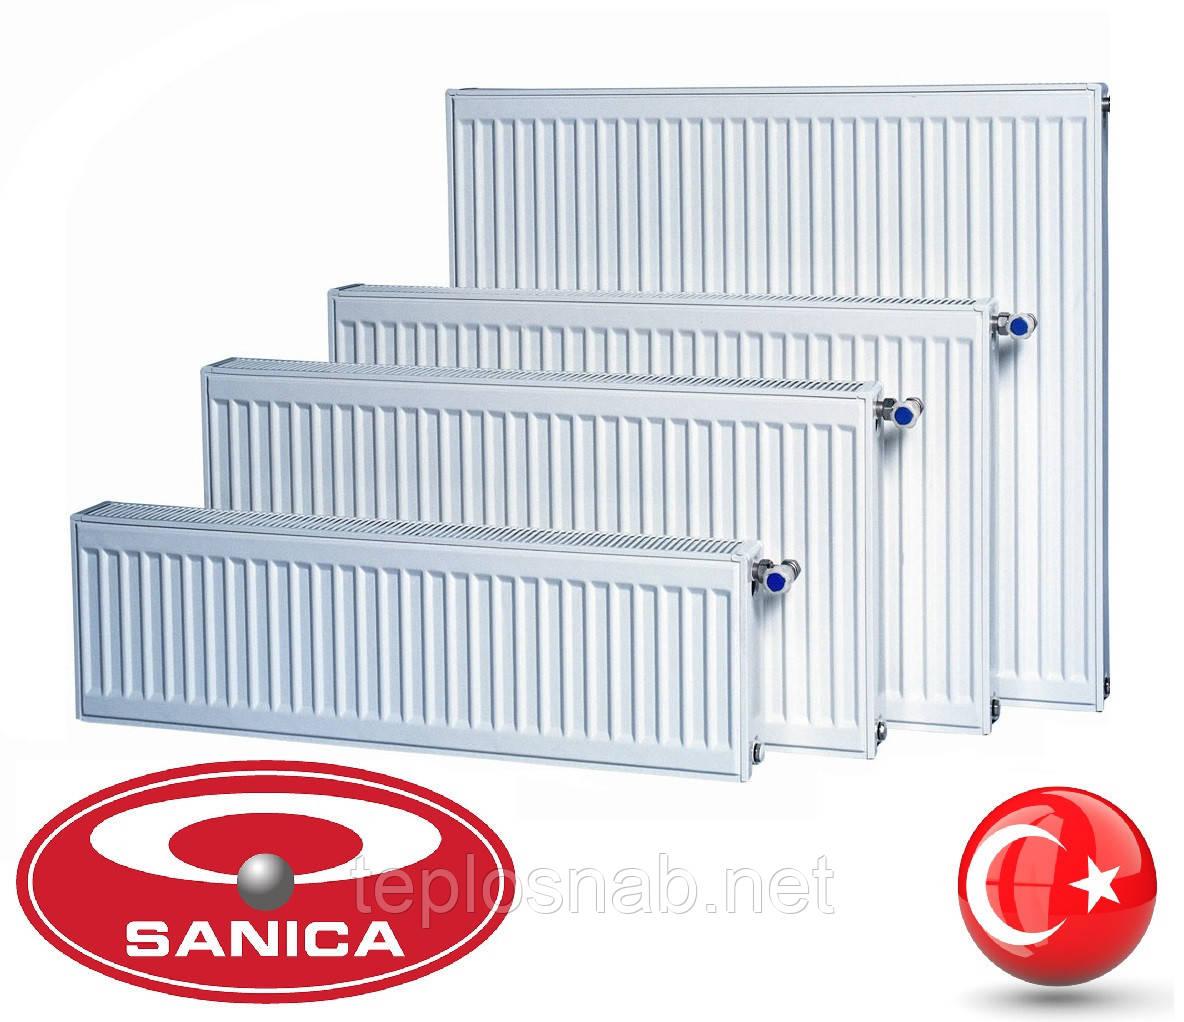 Стальной радиатор Sanica 22 тип (300 х 400 мм) / 508 Вт